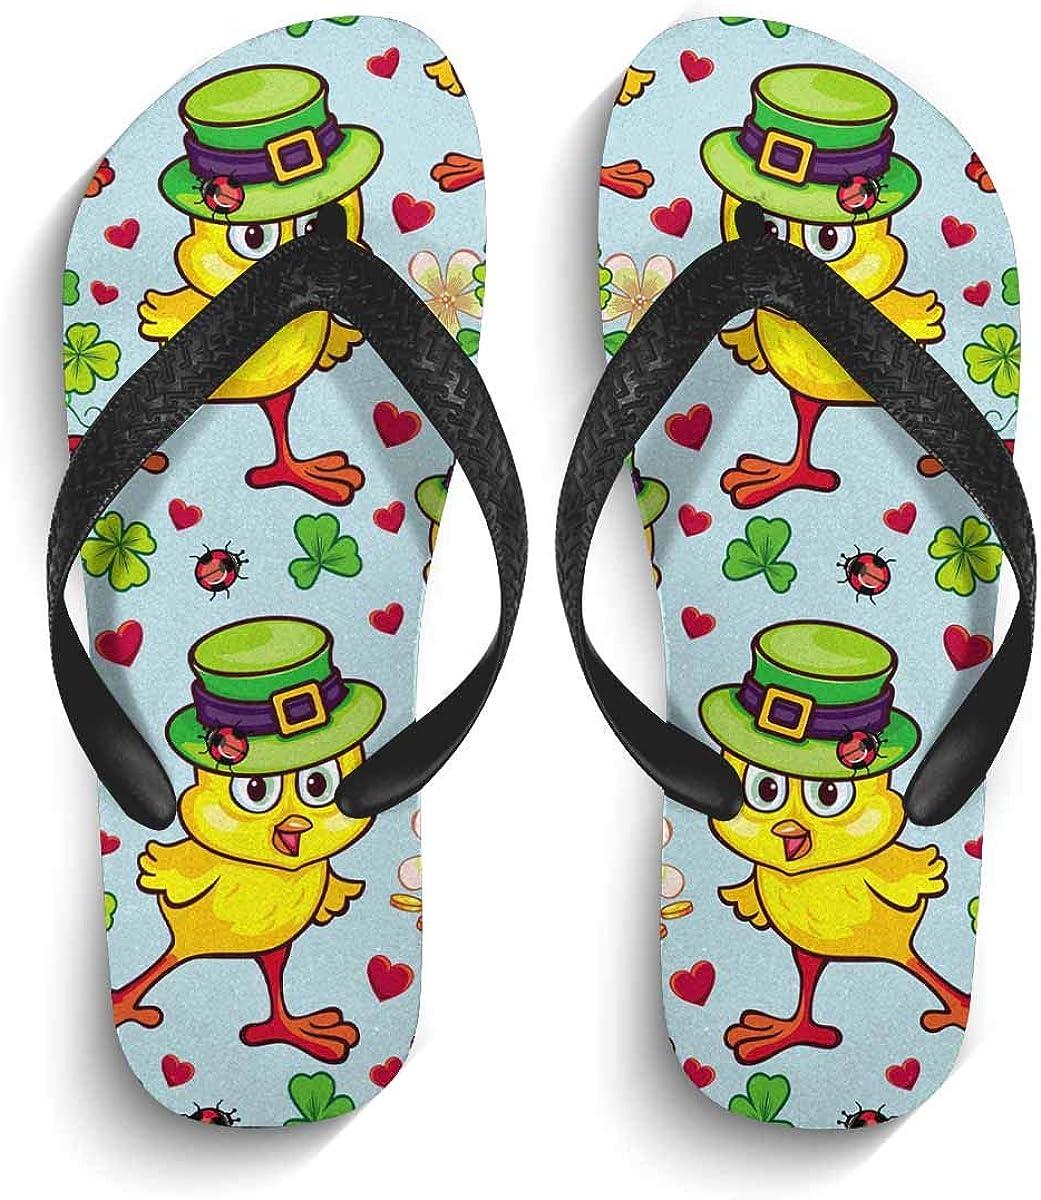 InterestPrint Men's Flip Flop Slippers Funny Yellow Chick Green Hat Summer Beach Thong Sandal M